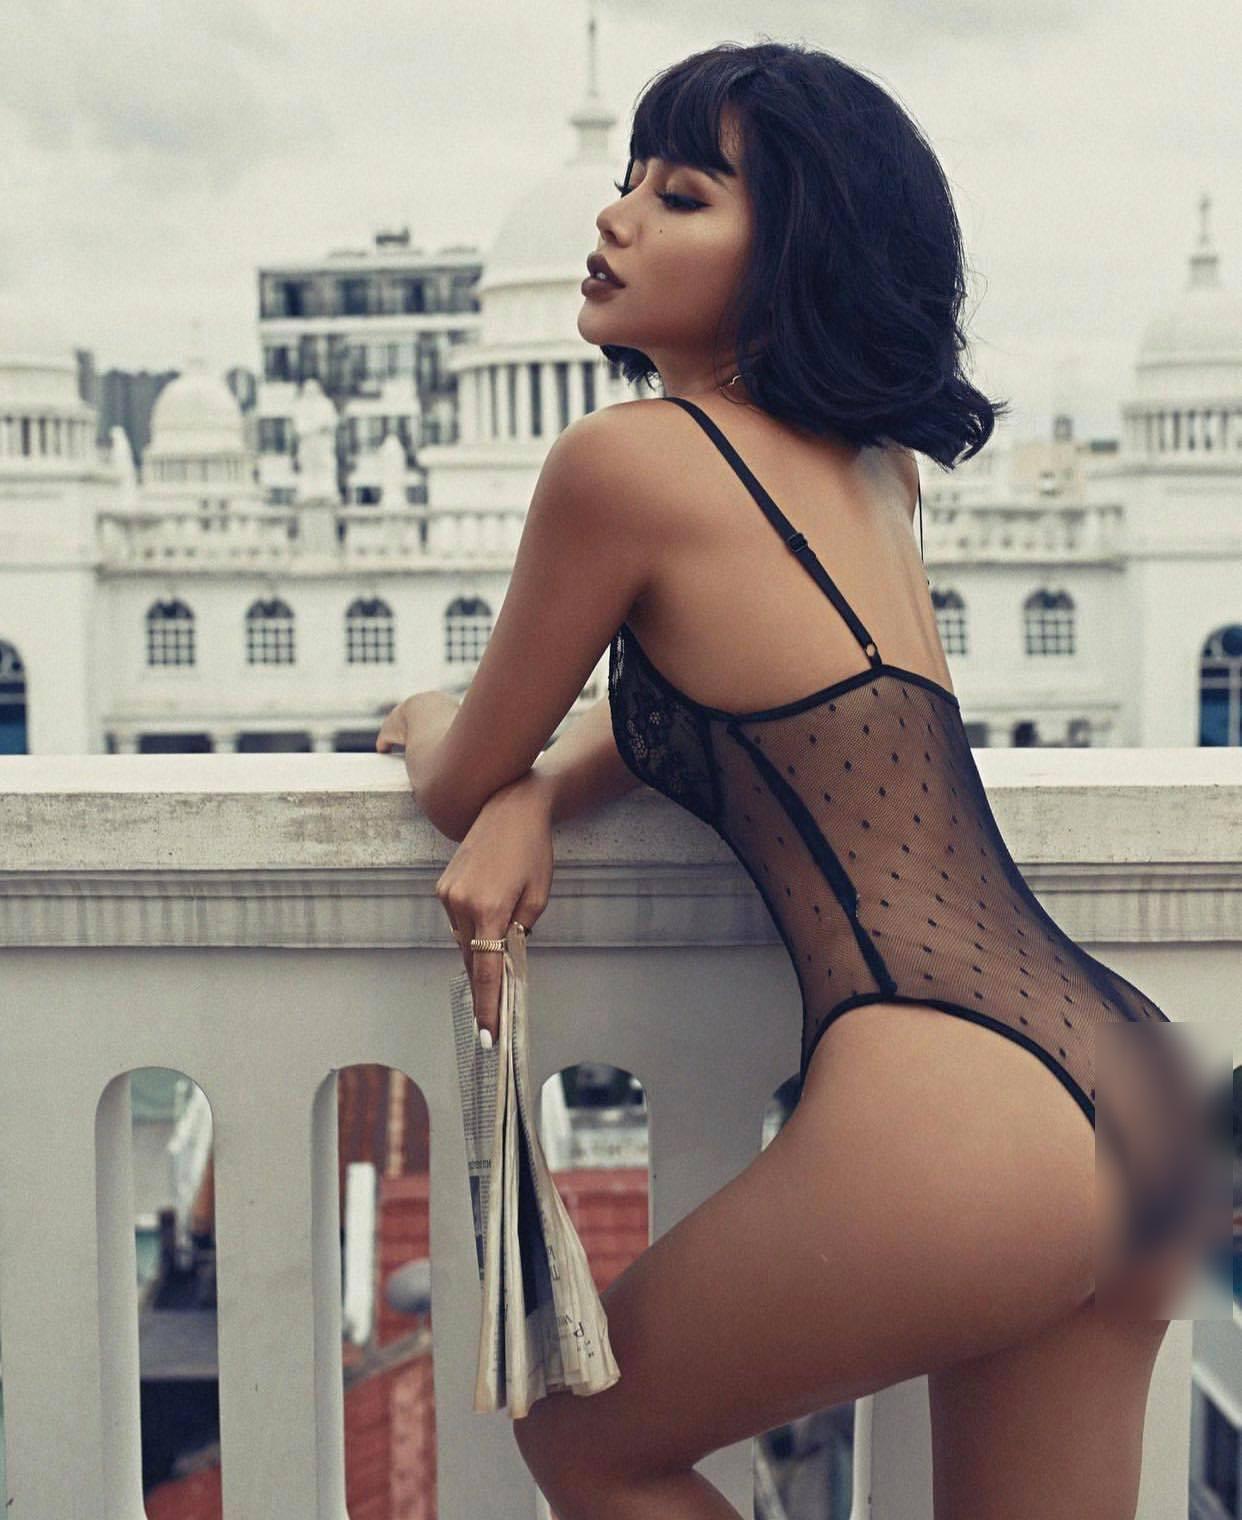 """Từng bị nhầm là hoa hậu, """"hot girl tạp hóa Đồng Nai"""" đã làm mẹ vẫn hot vì gu mặc bạo dạn"""